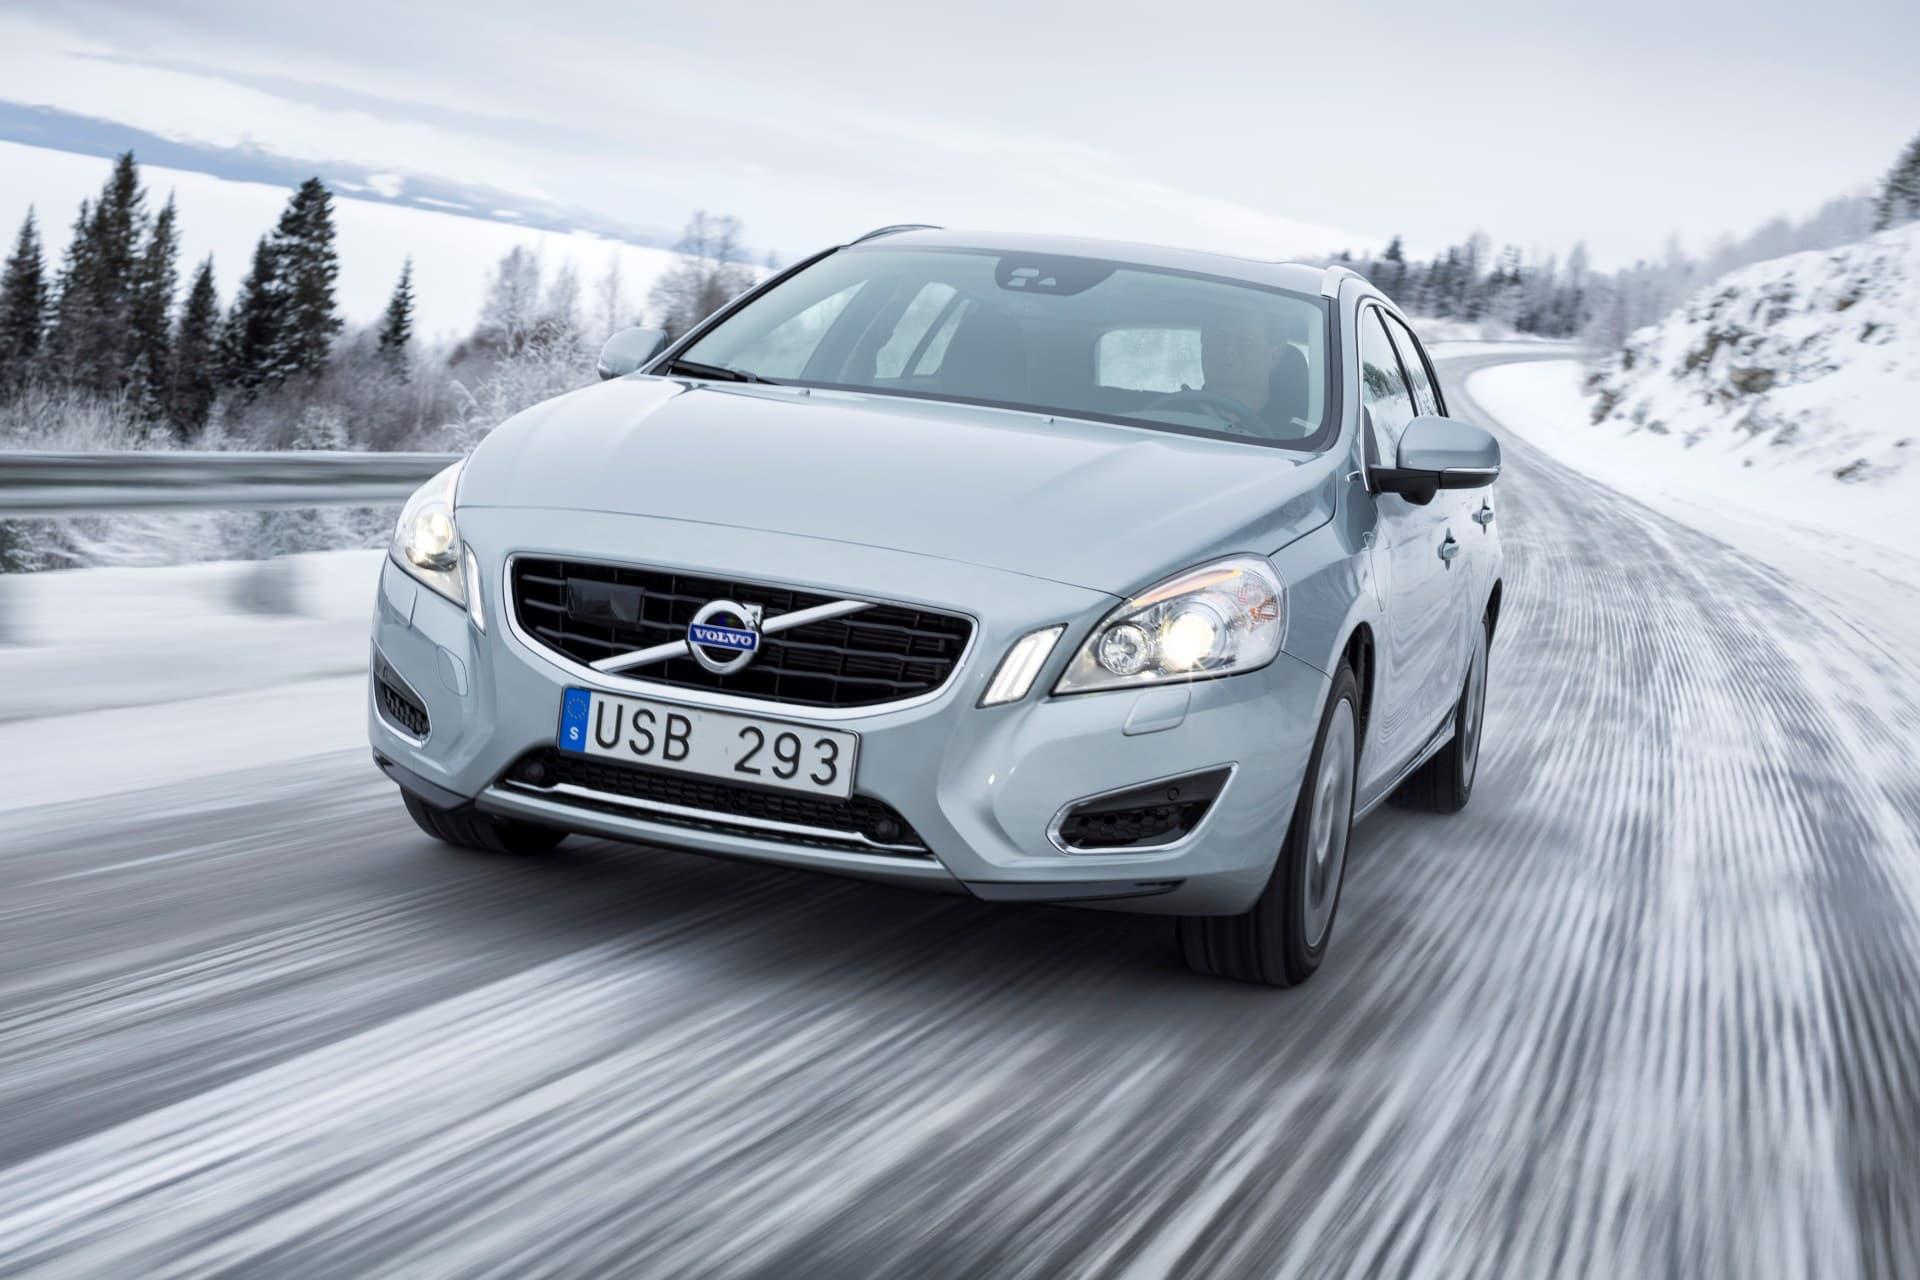 Consejos Conducir Nieve Hielo Frio Invierno Volvo V60